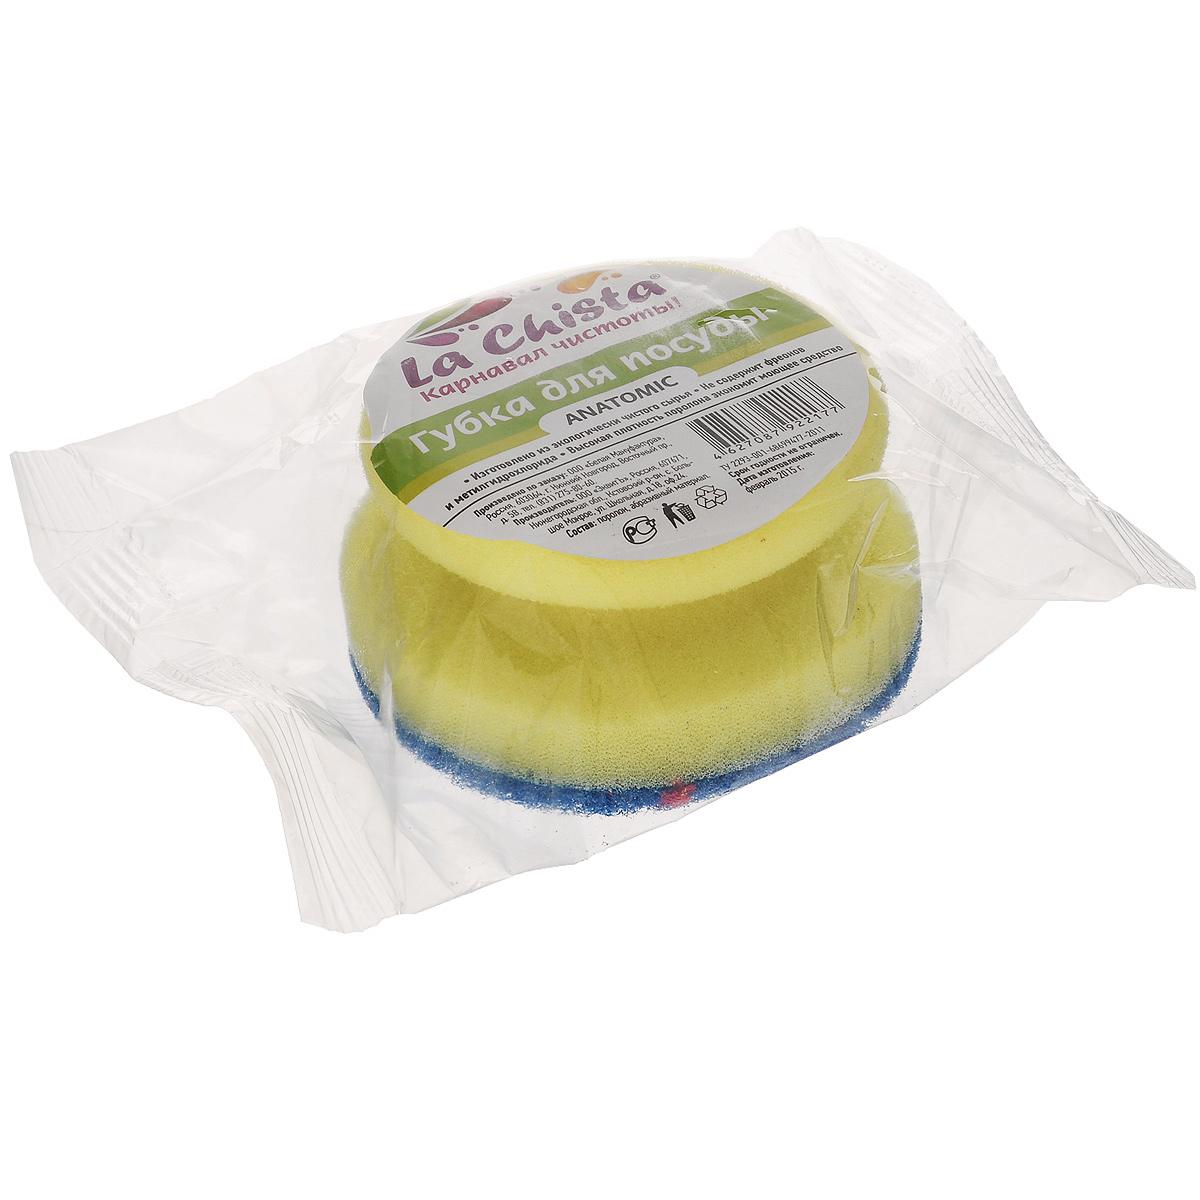 Губка для посуды La Chista Анатомик, с держателем, цвет: желтый, 9,5 см х 9,5 см х 4,5 см50749_ синийКруглая губка La Chista Анатомик, изготовленная из мягкого поролона с абразивными материалами, предназначена для уборки и мытья посуды. Они идеально удаляют жир, грязь и пригоревшую пищу. Форма губки позволяет удобно ее удерживать.Особенности:Изготовлены из экологически чистого сырья.Не содержит фреонов и метилгидрохлорида.Высокая плотность поролона экономит моющее средство.